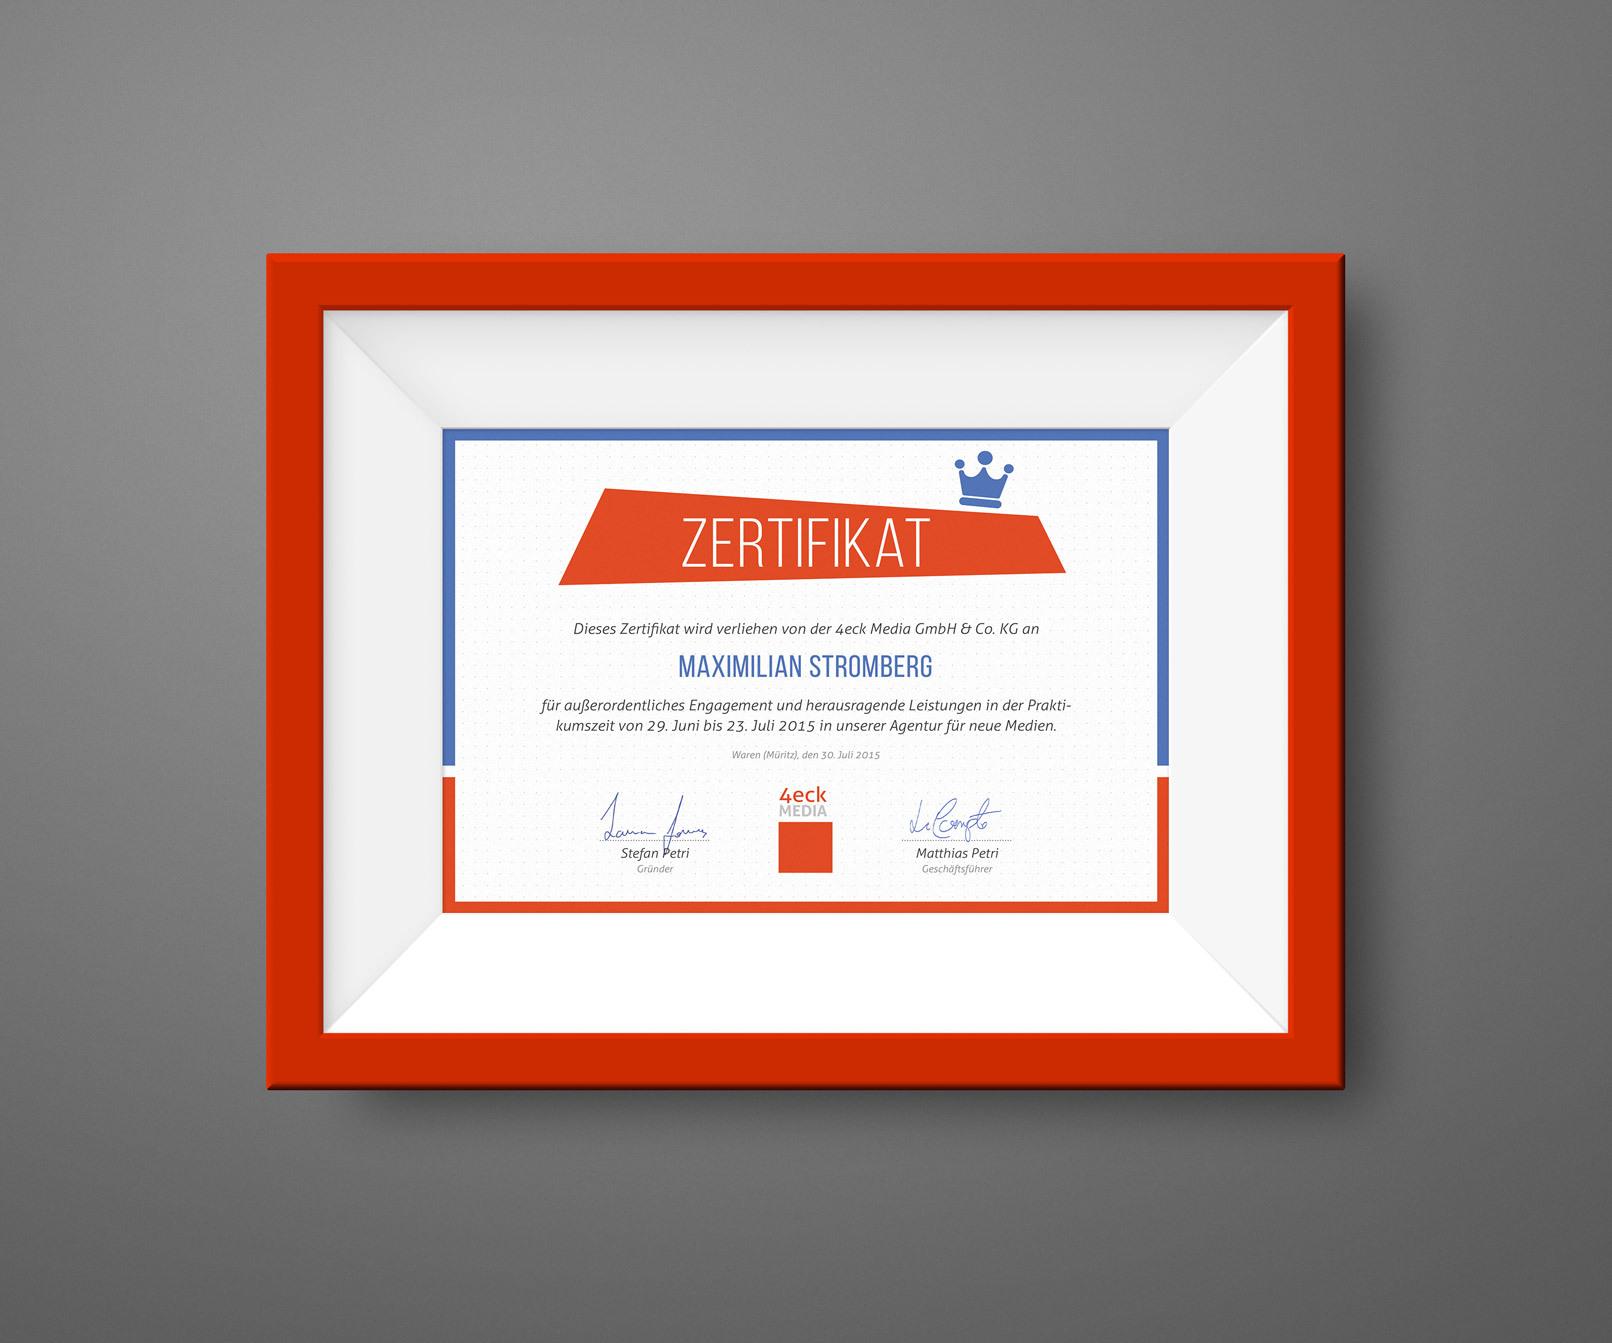 Zertifikat eines Unternehmens in einem Bilderrahmen